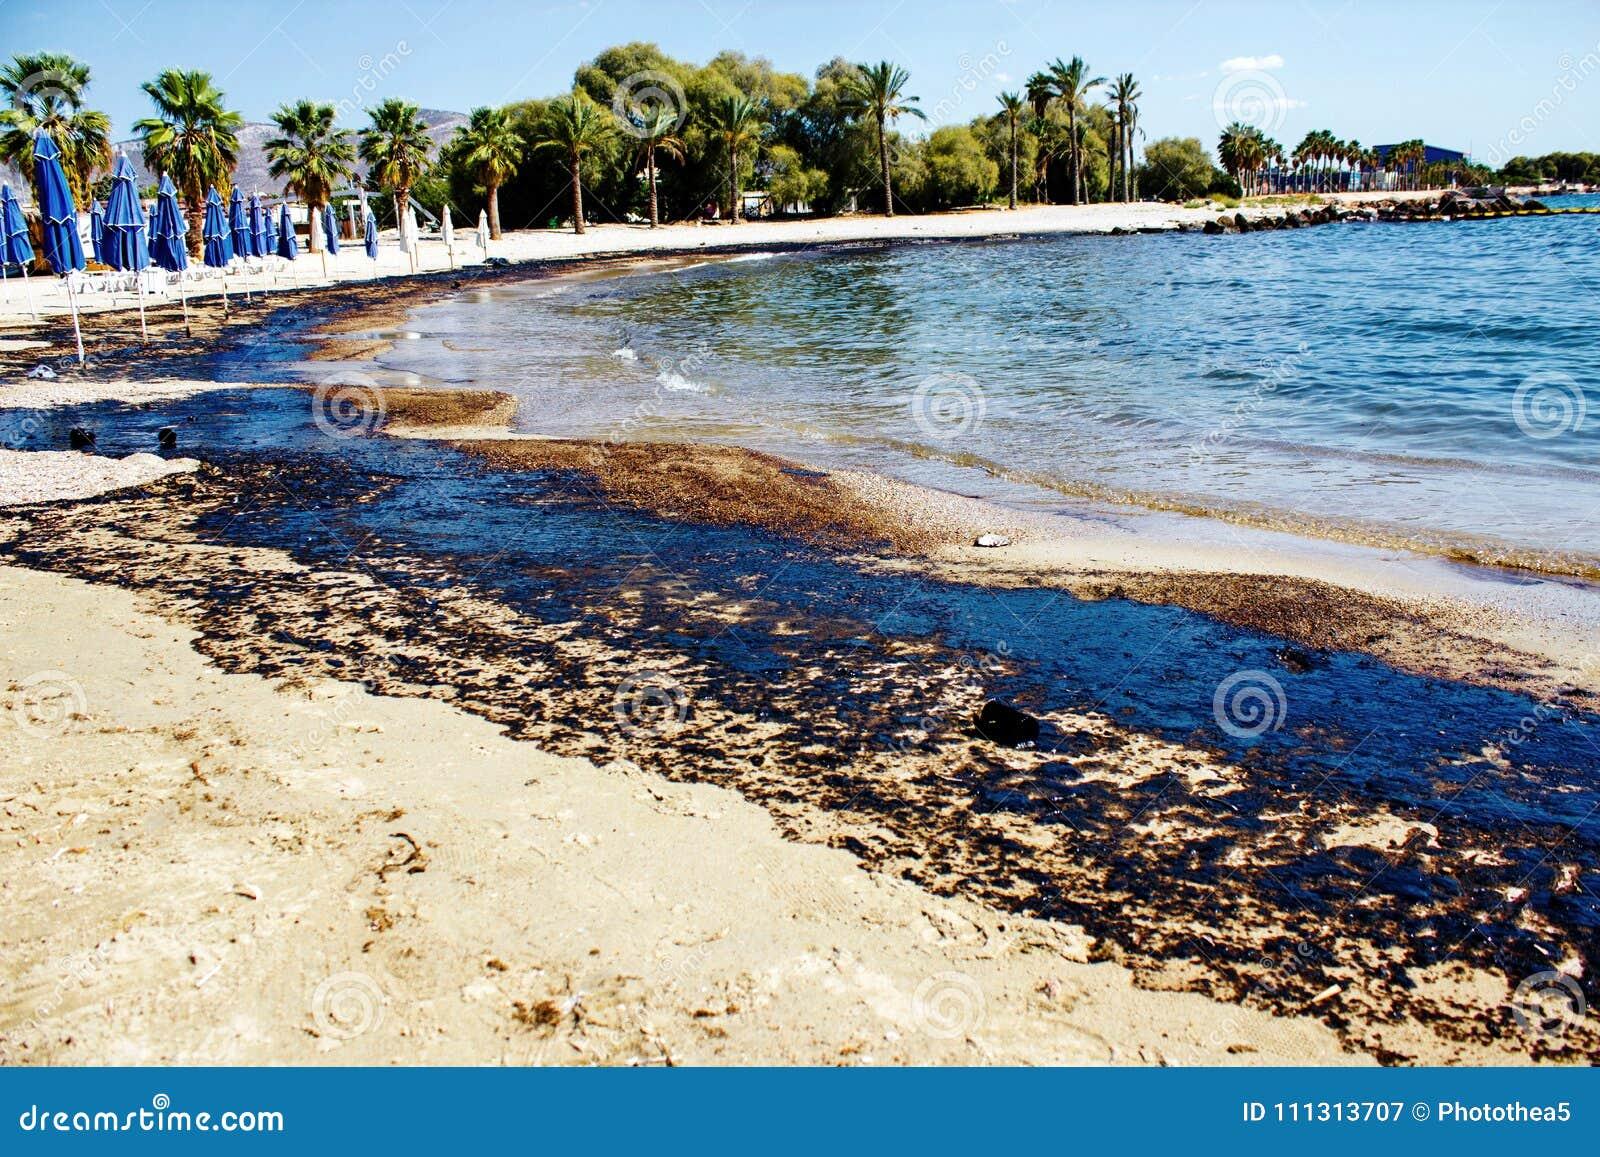 Texture de flaque de pétrole brut sur la plage de sable de l accident de flaque d huile, baie d Agios Kosmas, Athènes, Grèce, le